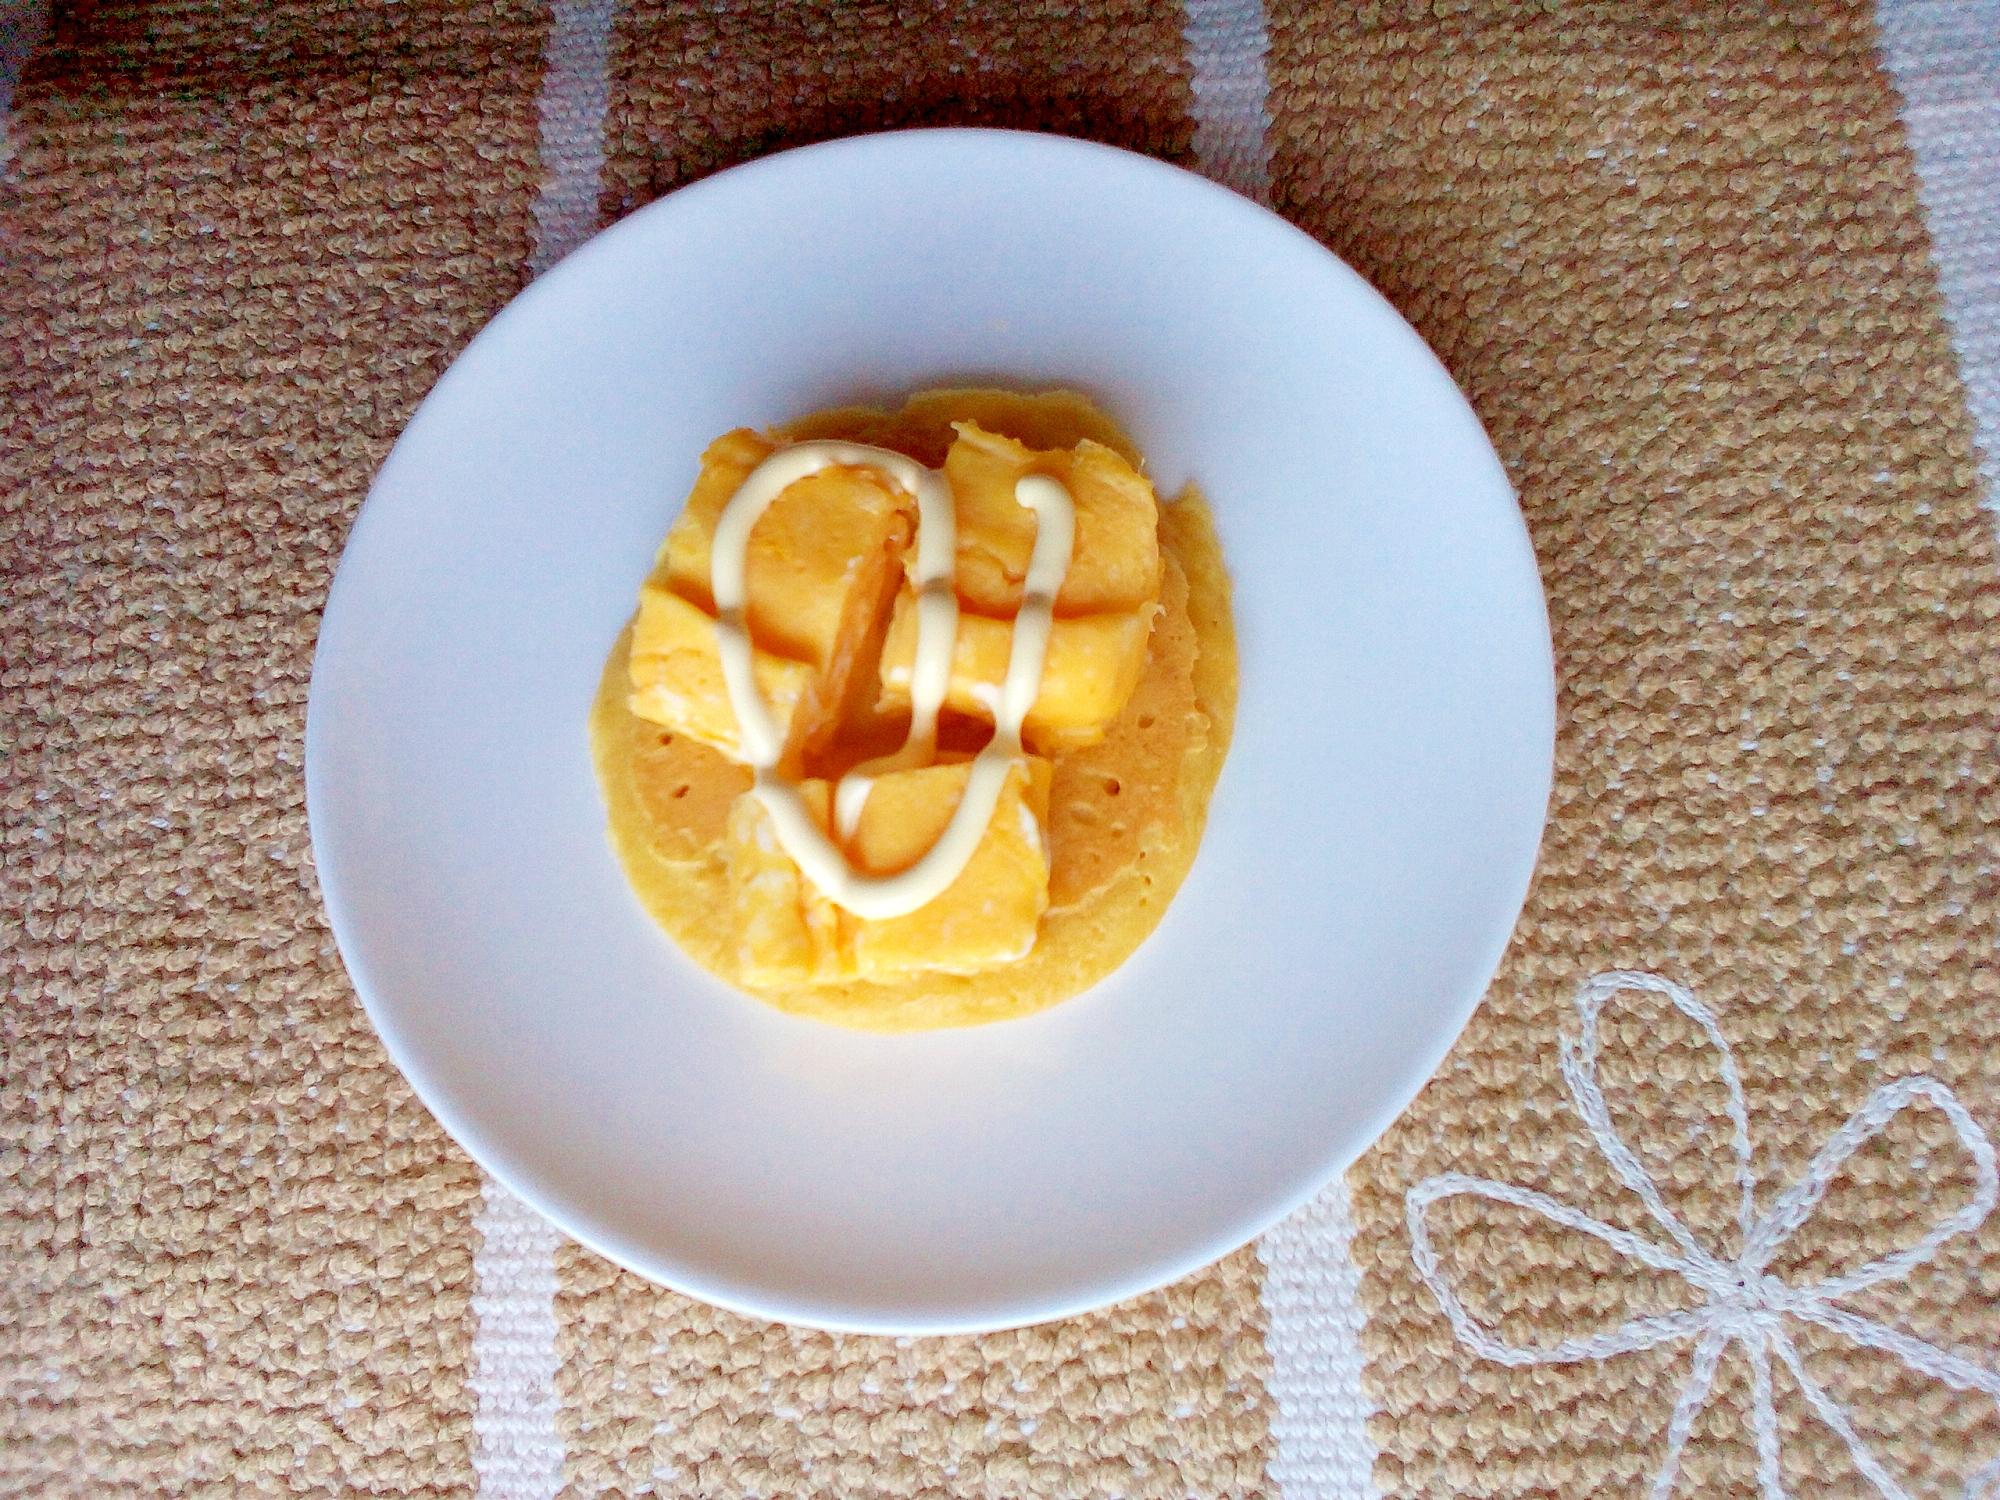 ふわふわ卵焼き乗せ大豆粉パンケーキ